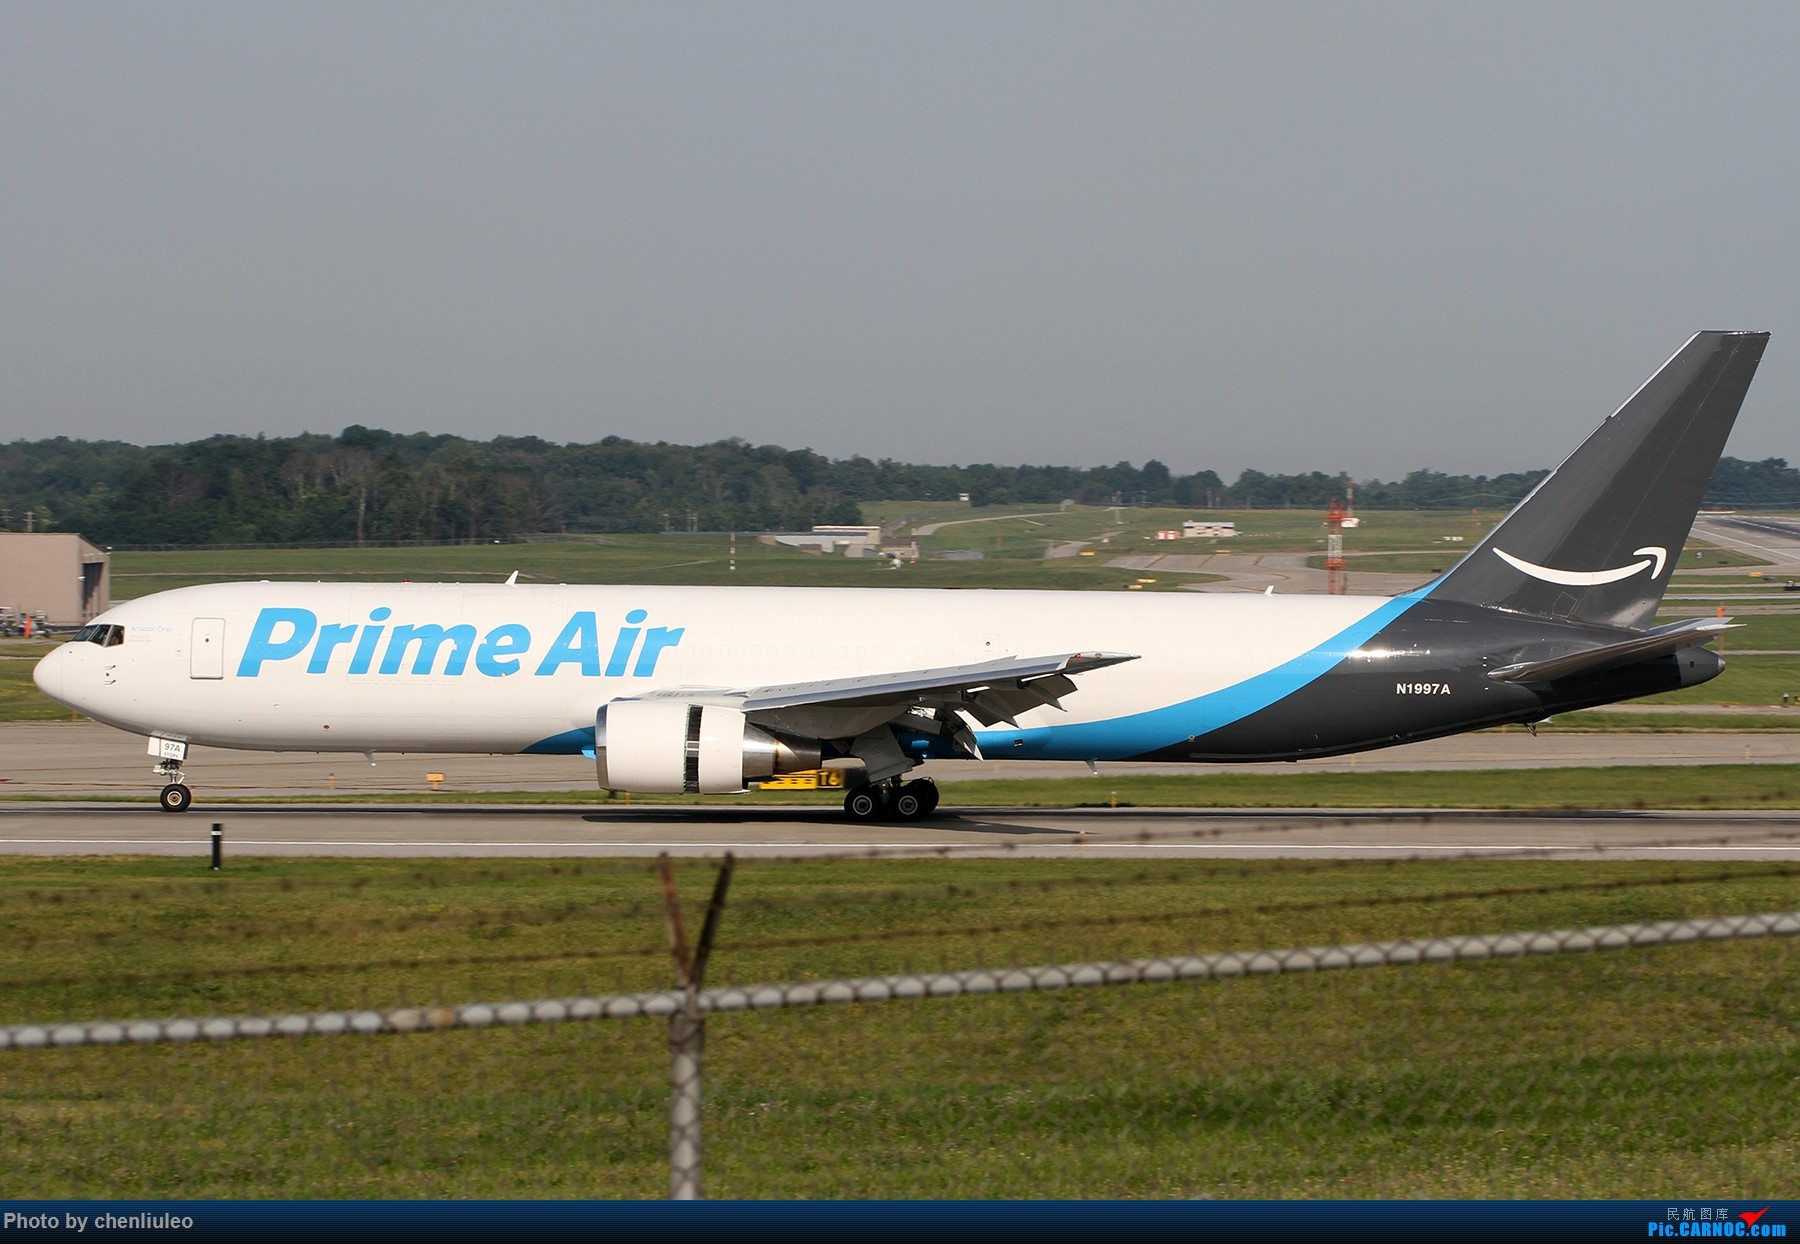 Re:[原创]【北美飞友会】辛辛那提北肯塔基国际机场 货机的天堂 BOEING 767-300ER N1997A 美国辛辛那提-北肯塔基国际机场